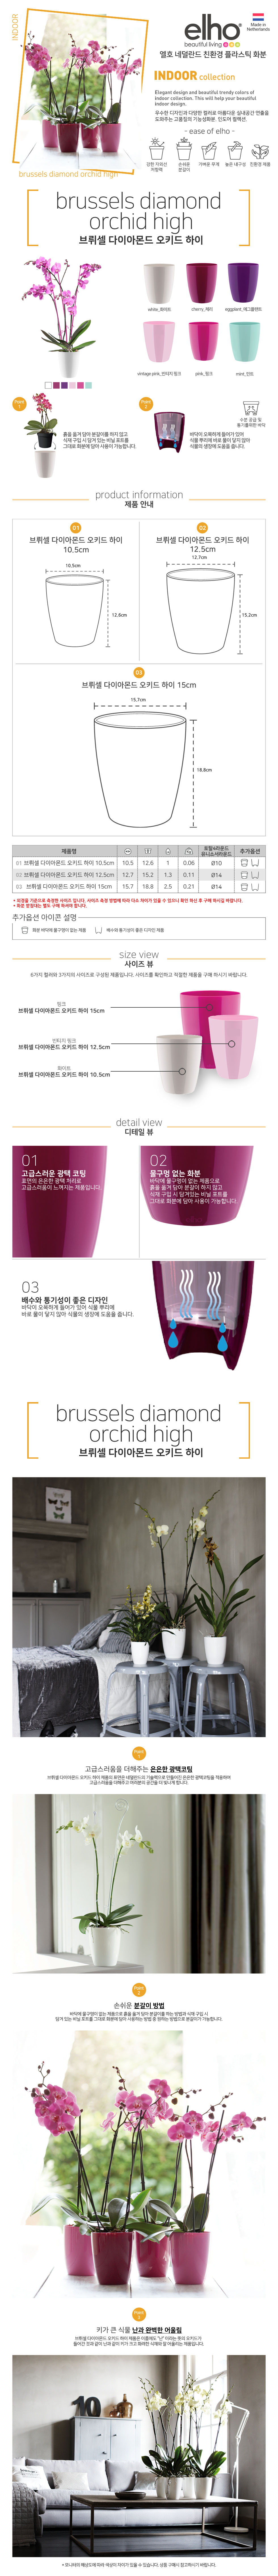 브뤼셀 다이아몬드 오키드 하이 높은화분(12.5cm) - 엘호, 6,100원, 공화분, 디자인화분